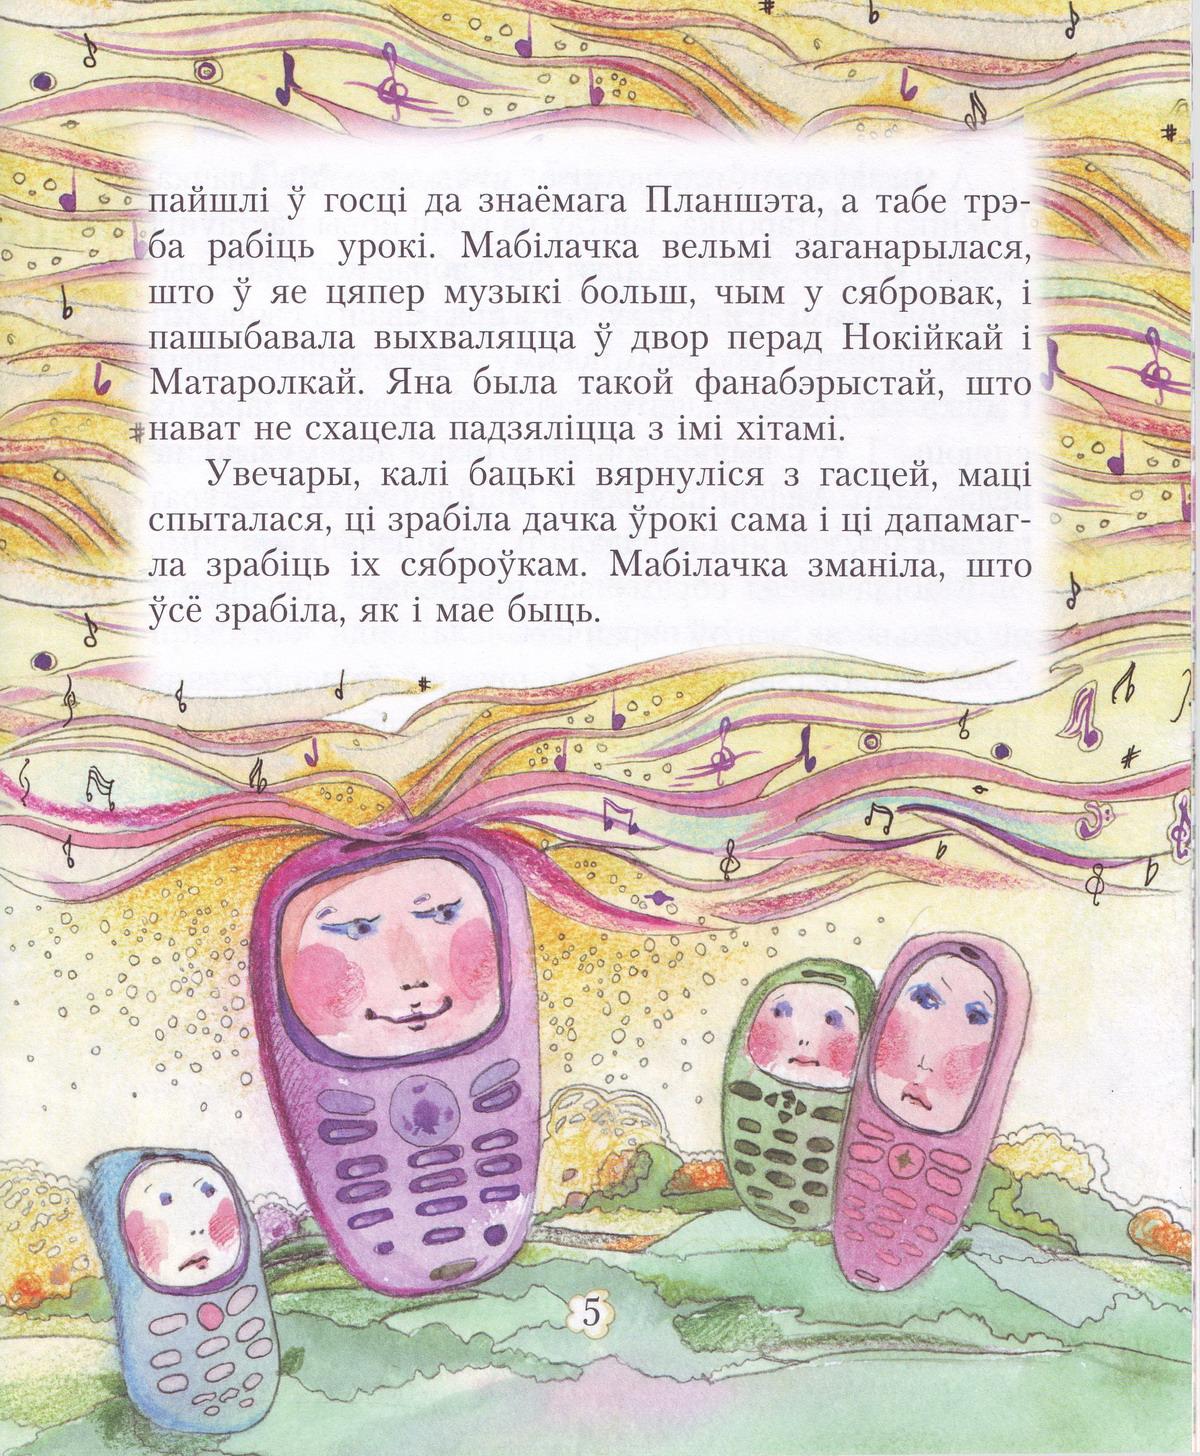 Лізавета Ахроменка. Звычайныя рэчы / старонкі з кнігі